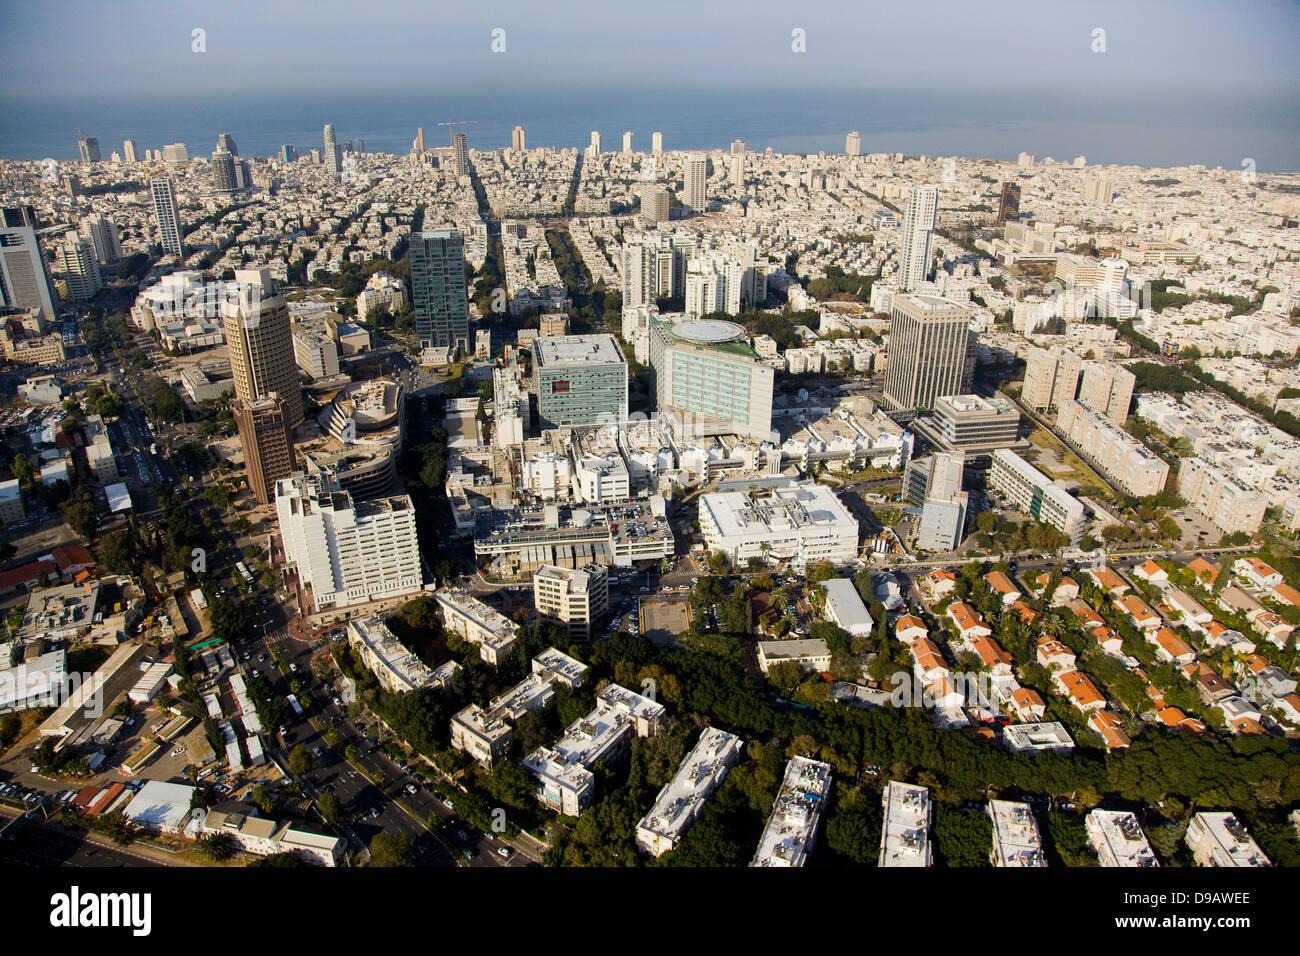 Una fotografía aérea de Tel Aviv citycenter Foto de stock